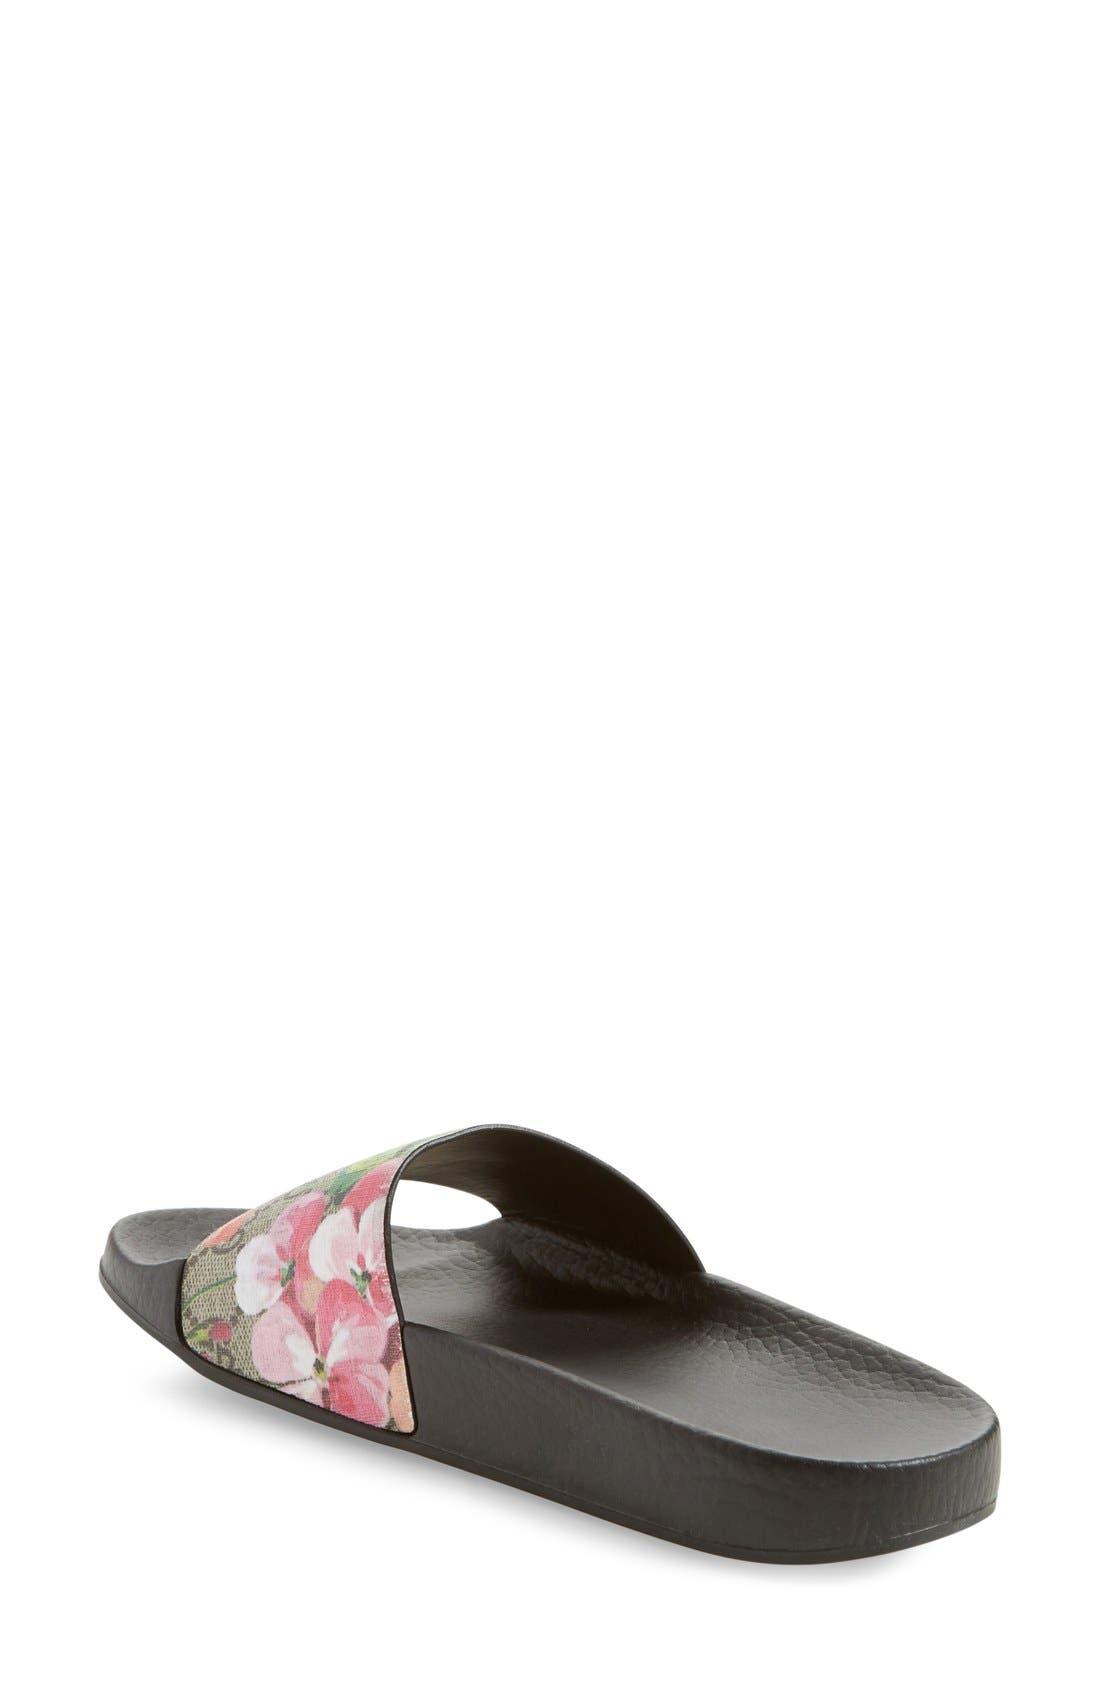 Black gucci sandals - Black Gucci Sandals 25